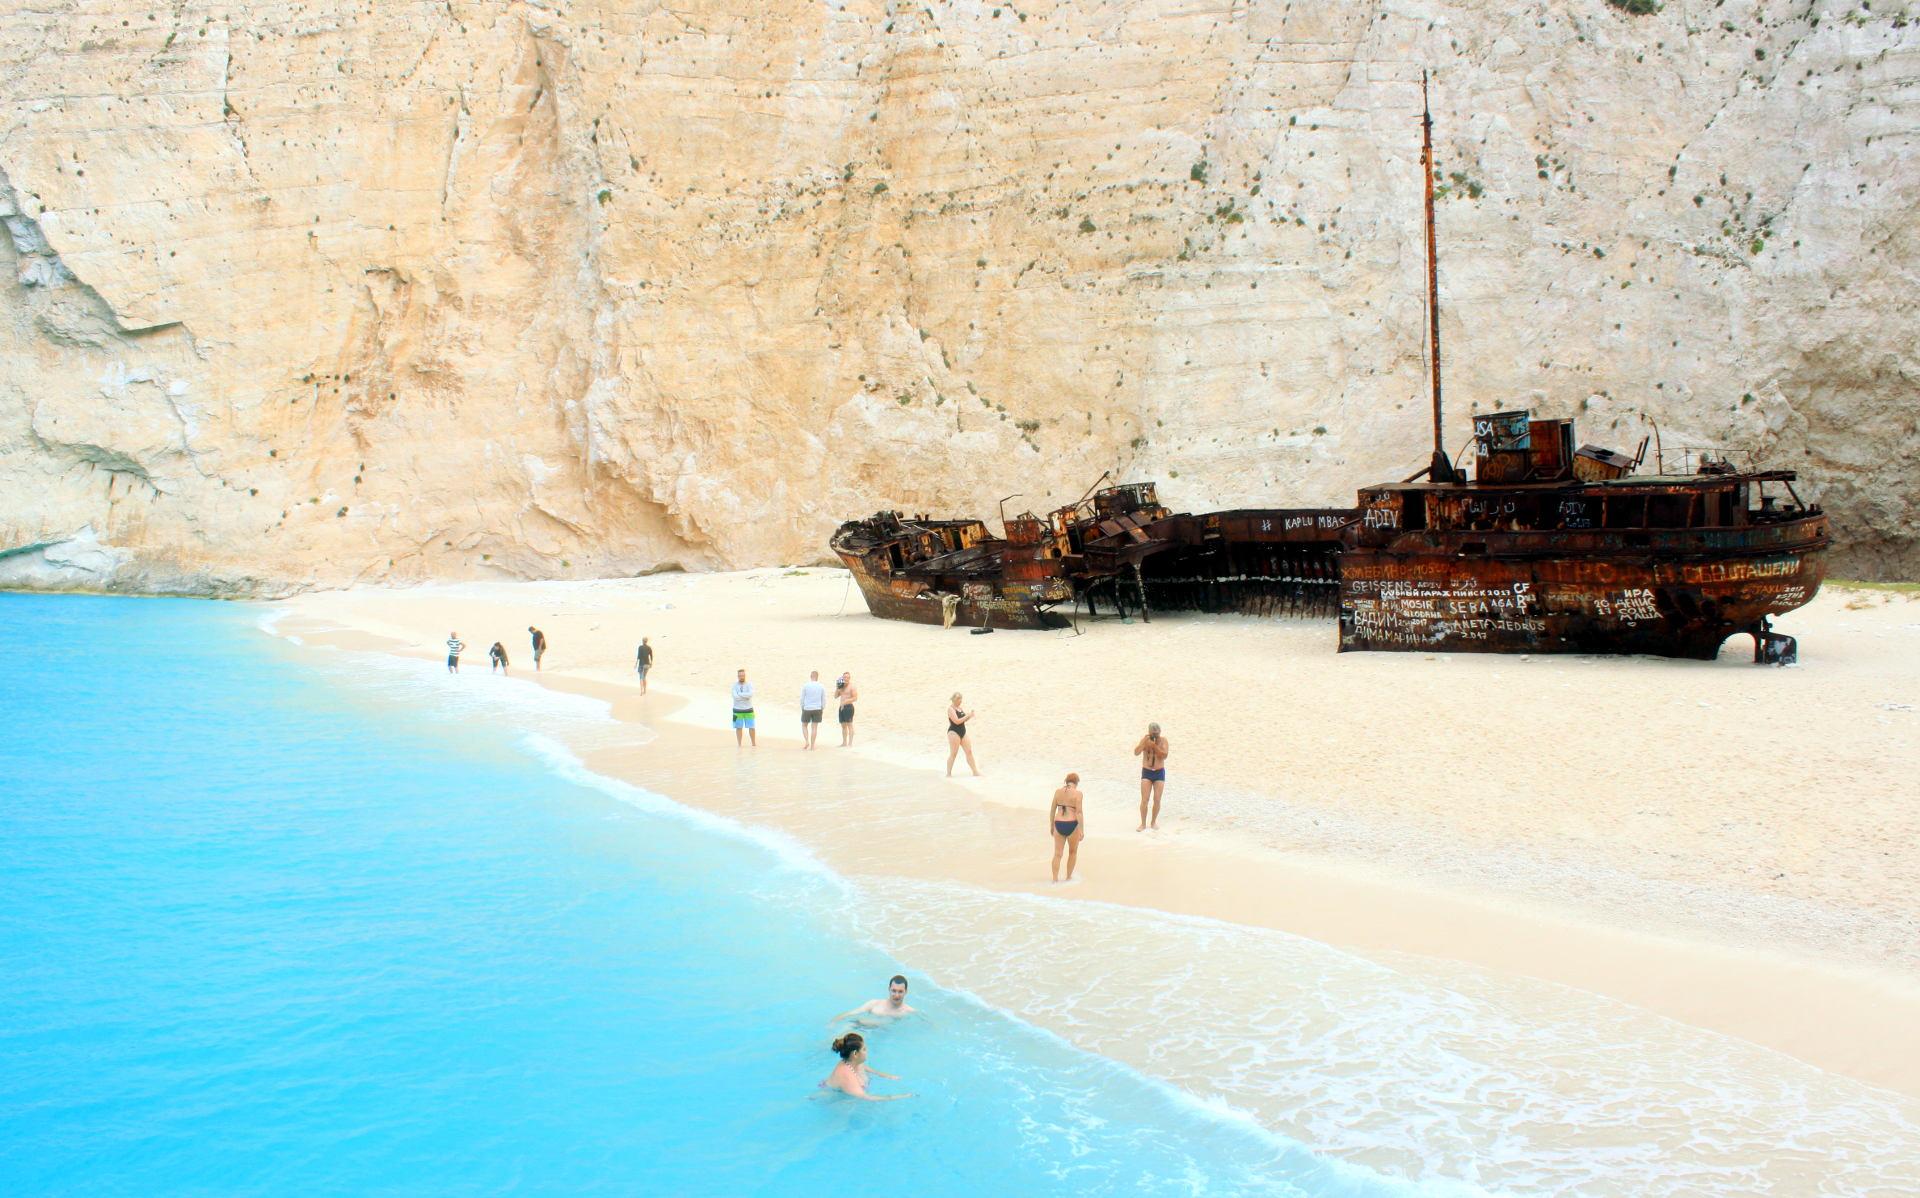 grecja zakynthos zatokawraku navagiobeach statek wrak rajskaplaza iglawpodrozy